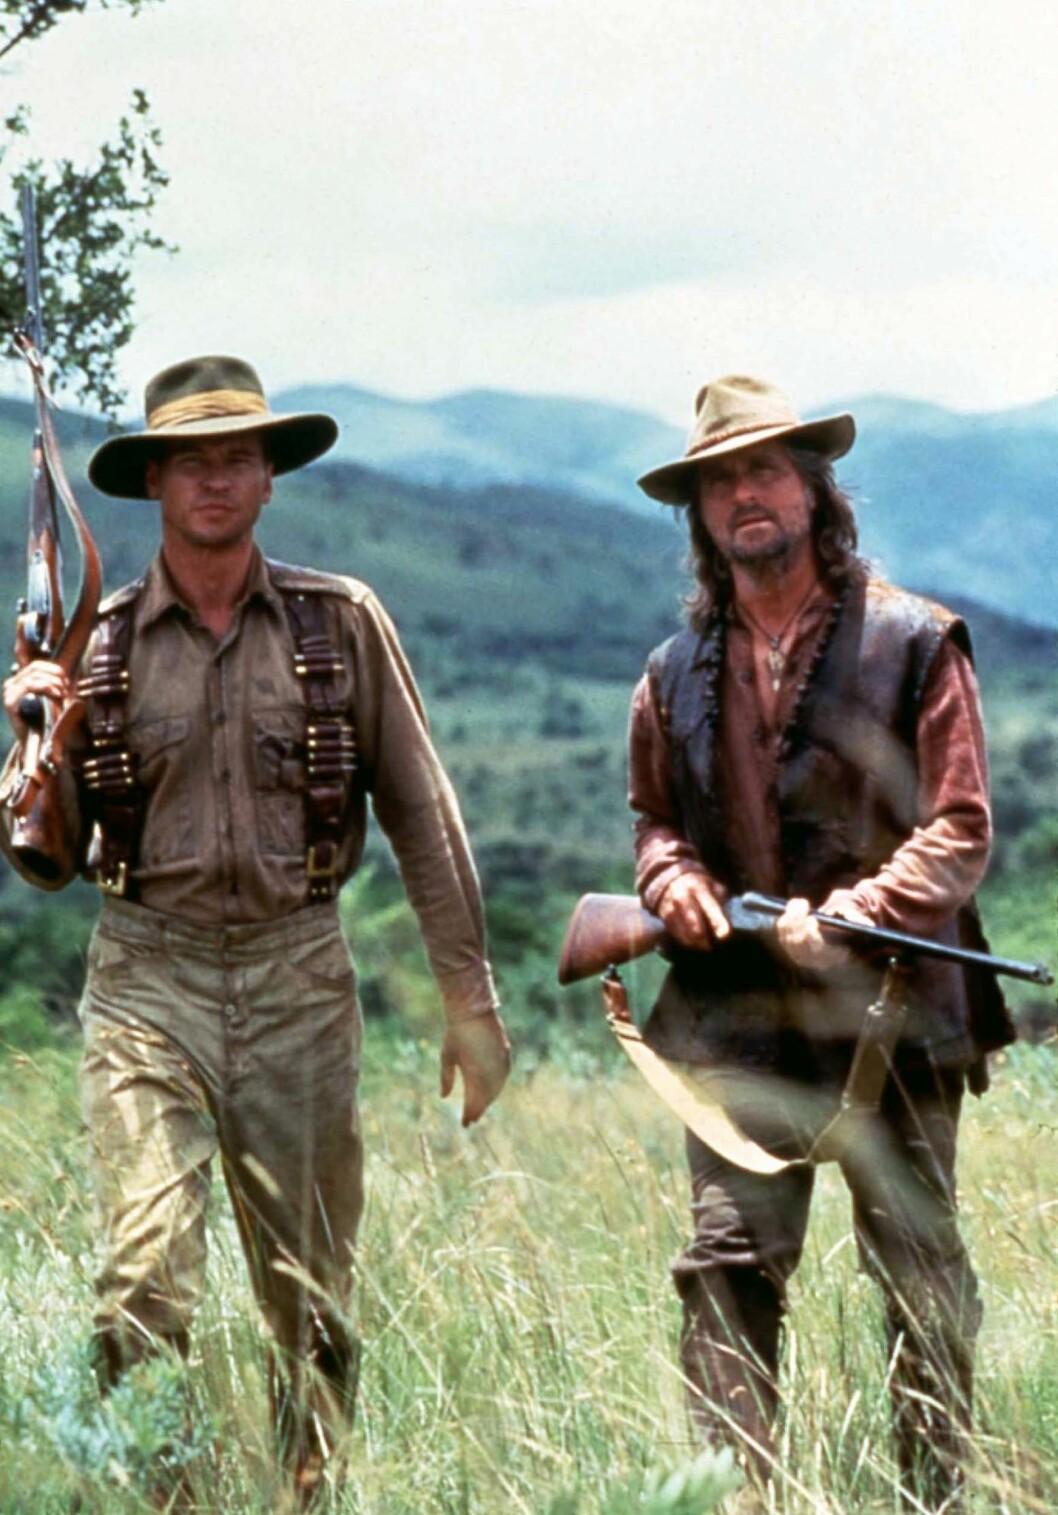 KOLLEGER: Val Kilmer (t.v) og Michael Douglas spilte sammen i filmen «The Ghost And The Darkness» fra 1996. Foto: Mary Evans Picture